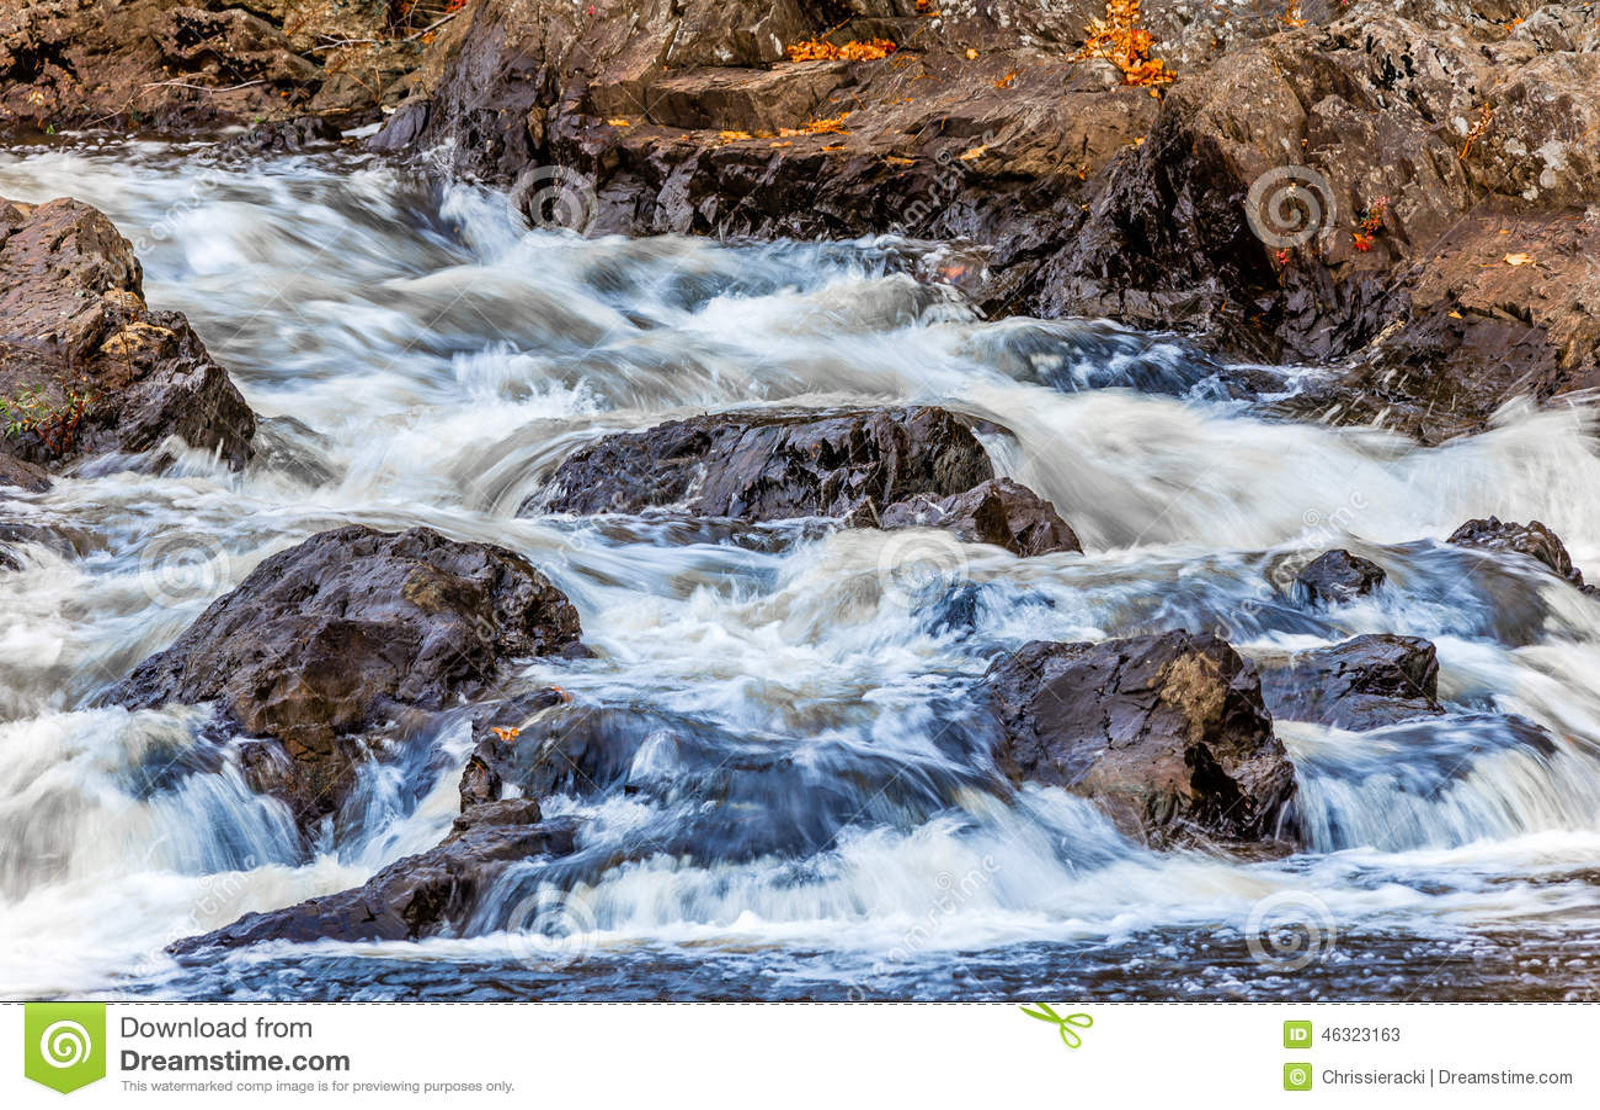 Συντρίβοντας νερό στο ρεύμα